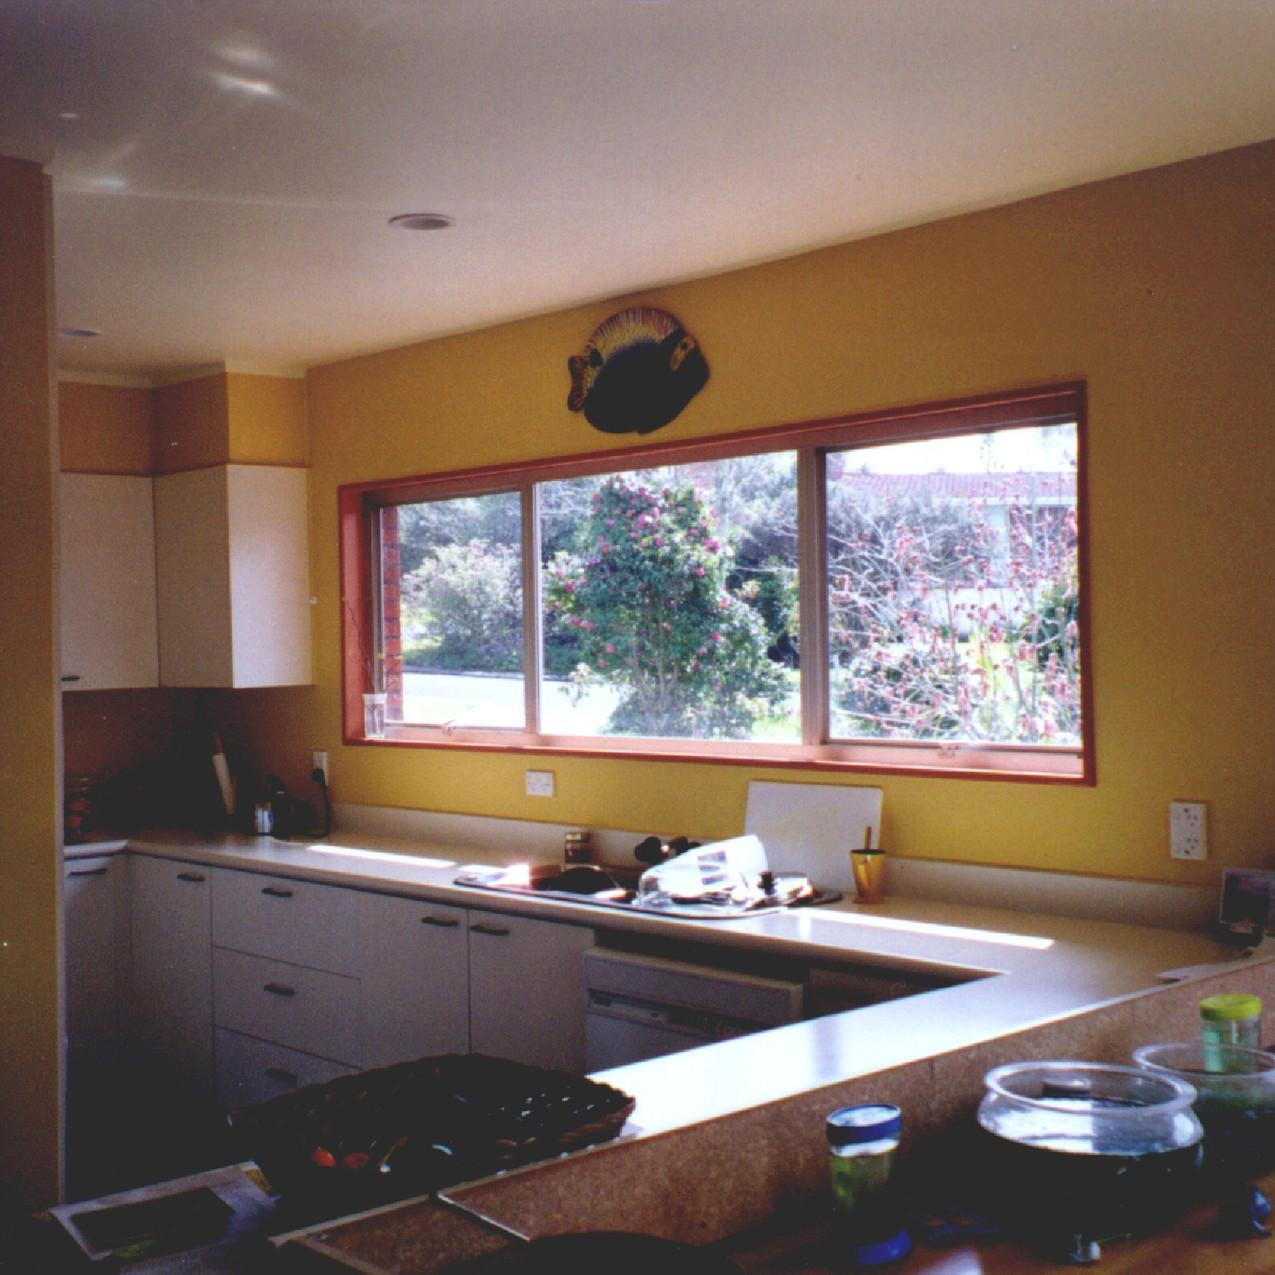 BeachHaven Kitchen Renovation Before